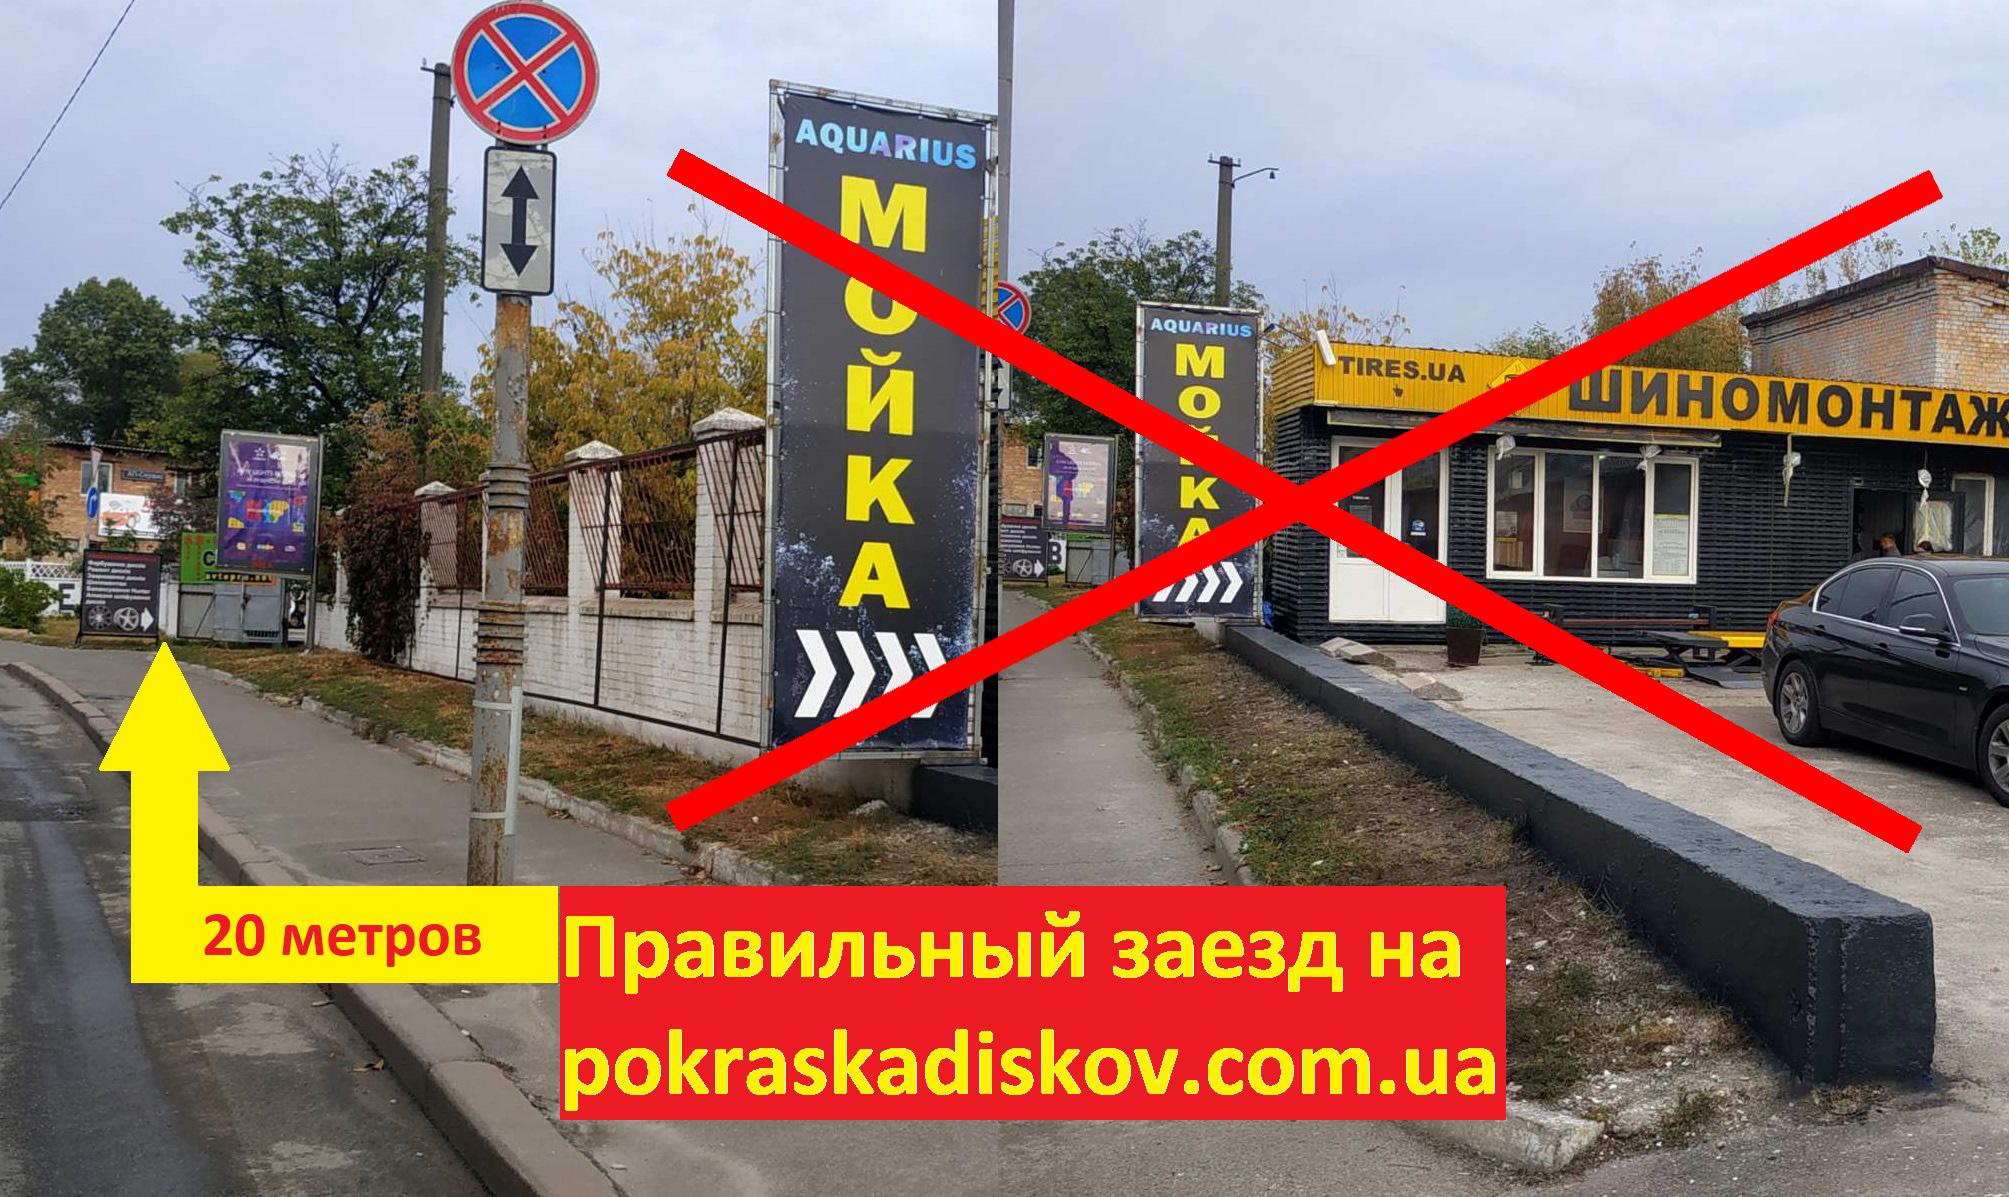 Првильный заезд на покраску дисков на улице Набережно-Луговой, 4